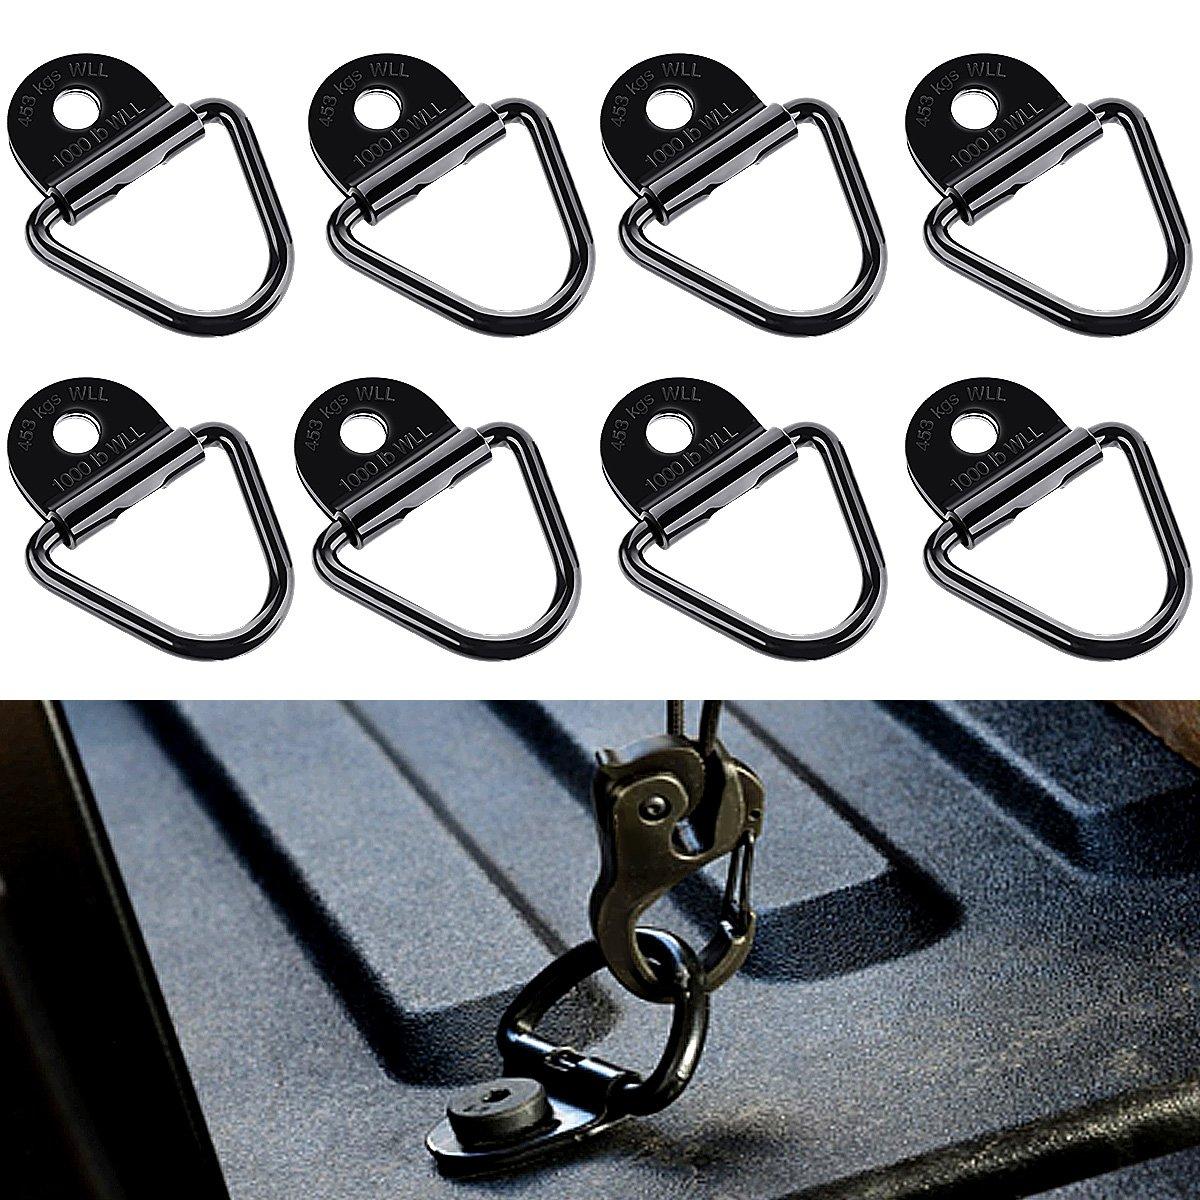 Audew Crochet V-Ring pour sécuriser Les Charges sur Les Voitures, Les Kayaks et Les pendentifs, avec Support, 3,15 * 2,28 in Lot de 8 AUDEWfejfhbleiw103